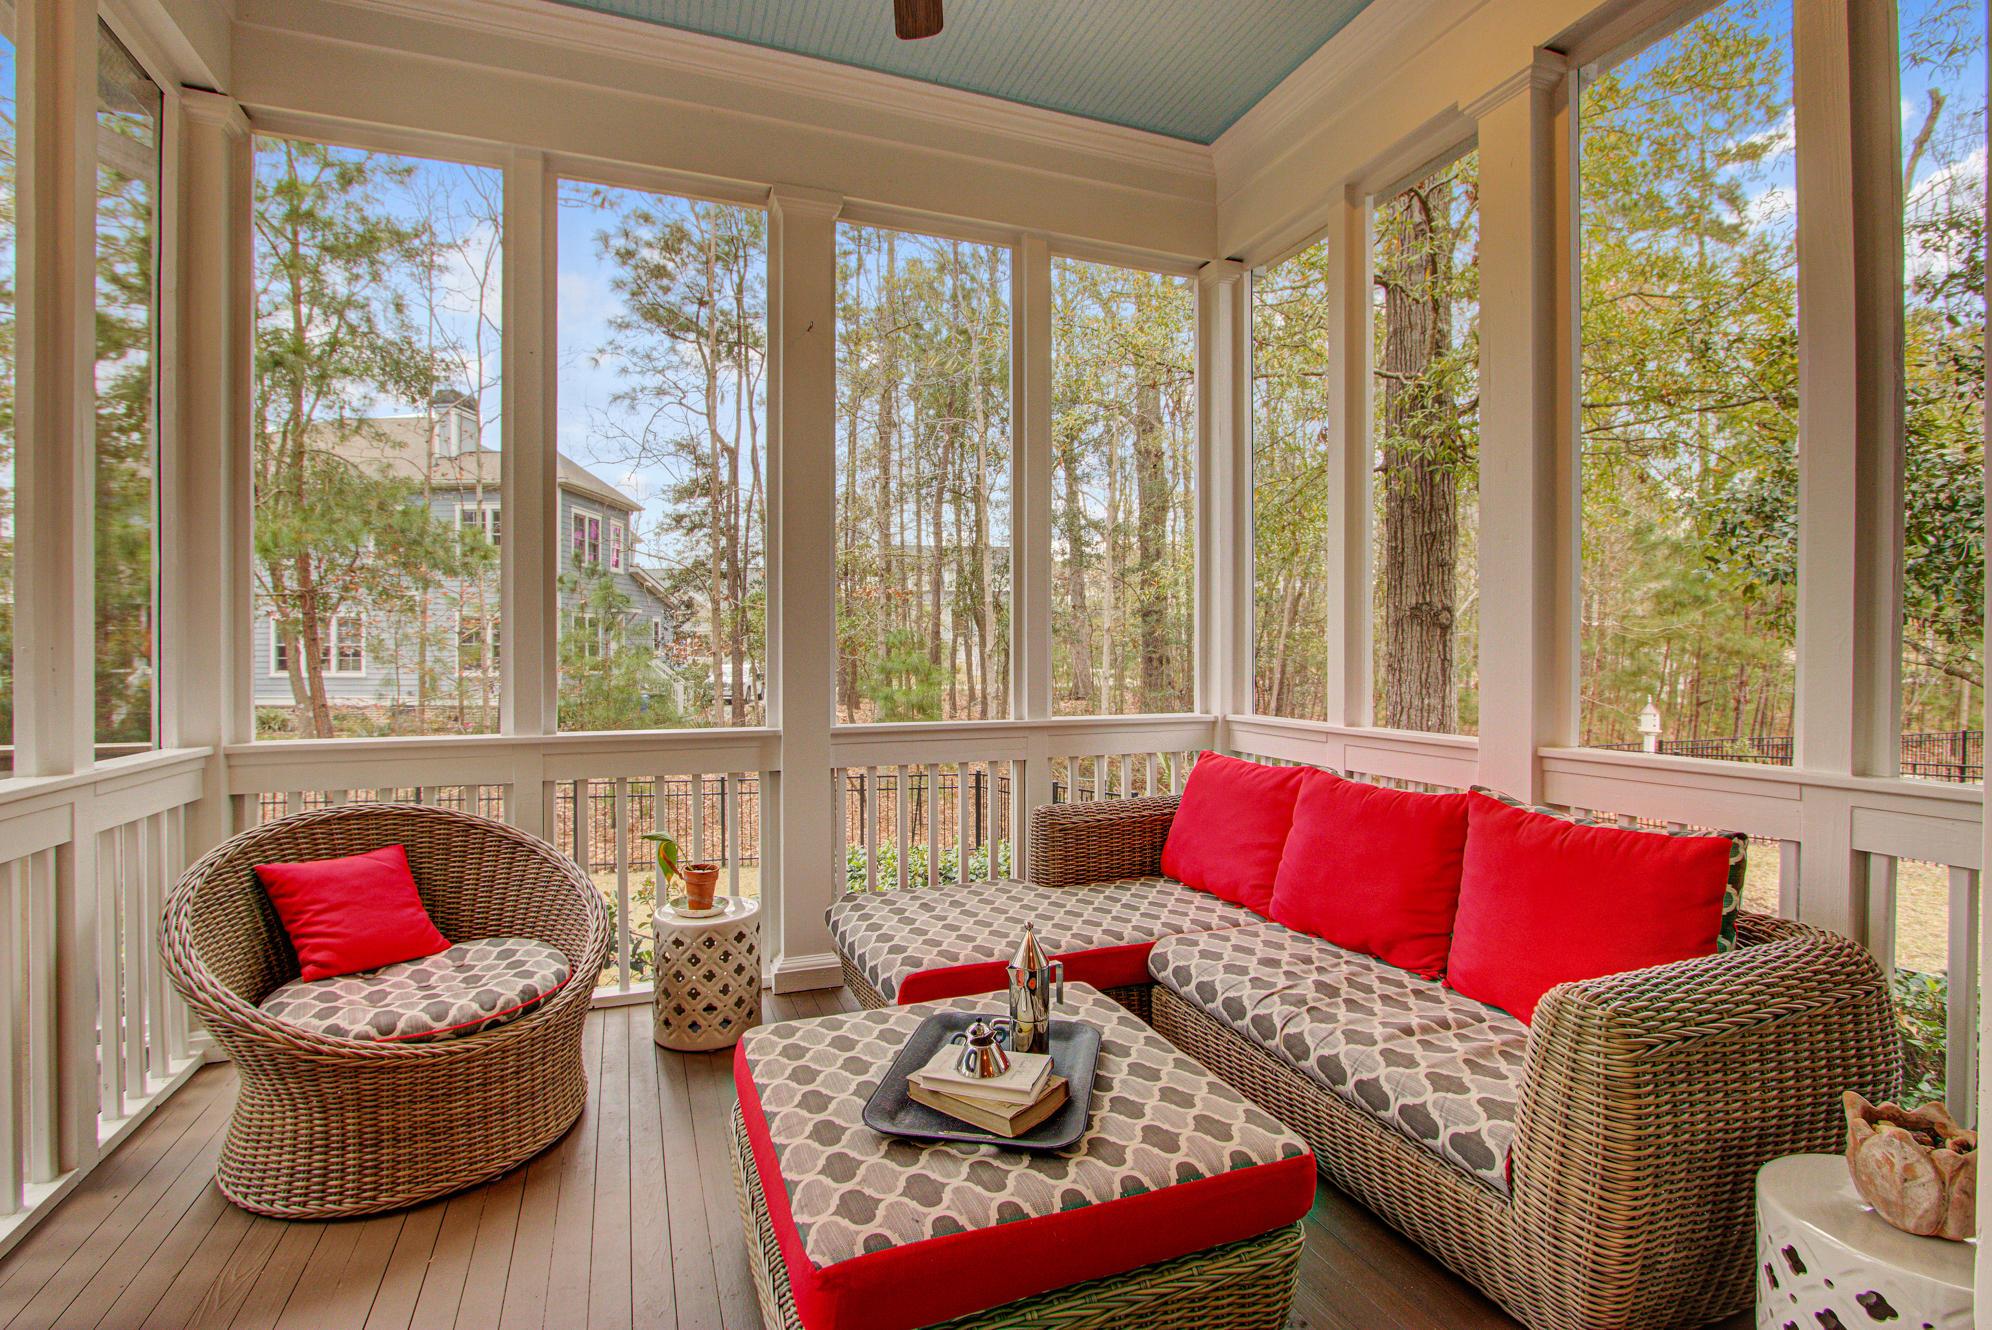 Park West Homes For Sale - 1527 Capel, Mount Pleasant, SC - 31